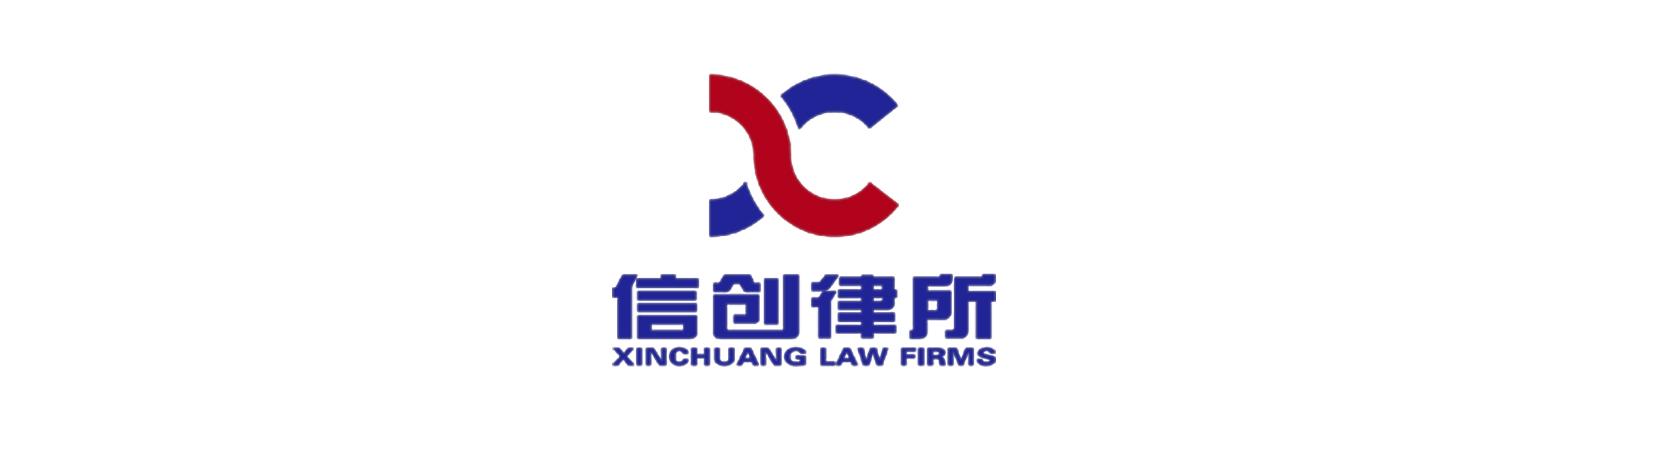 北京重大刑事案件律师